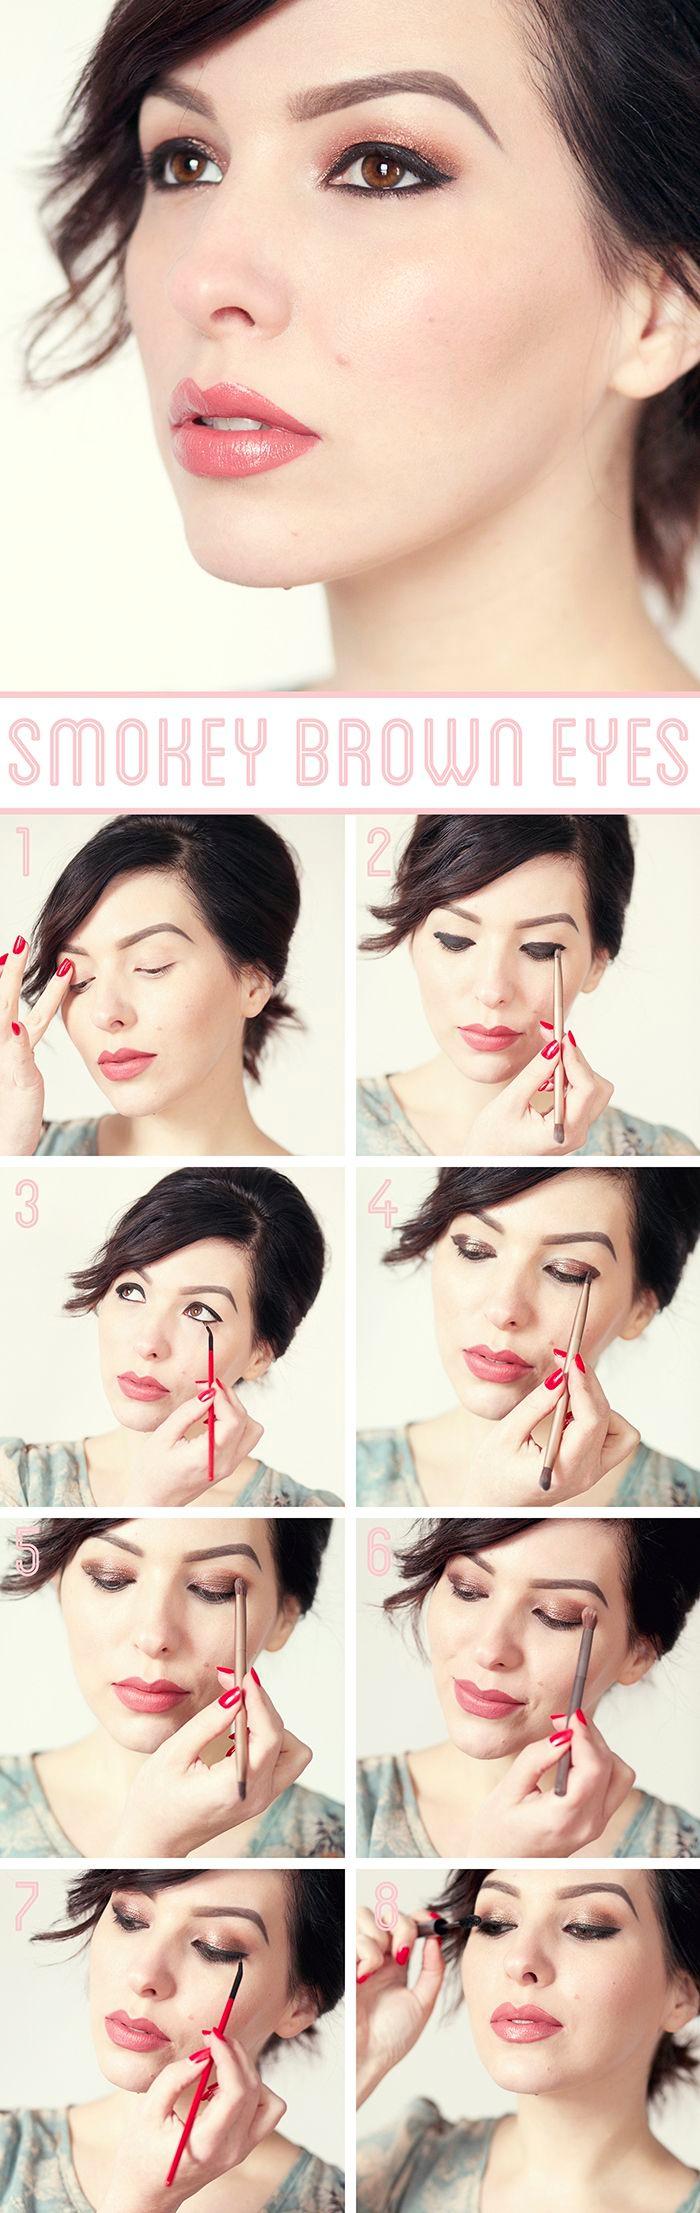 technique maquillage yeux marrons, femme aux yeux marron et lèvres rose, contouring visage facile avec fond de teint pêche